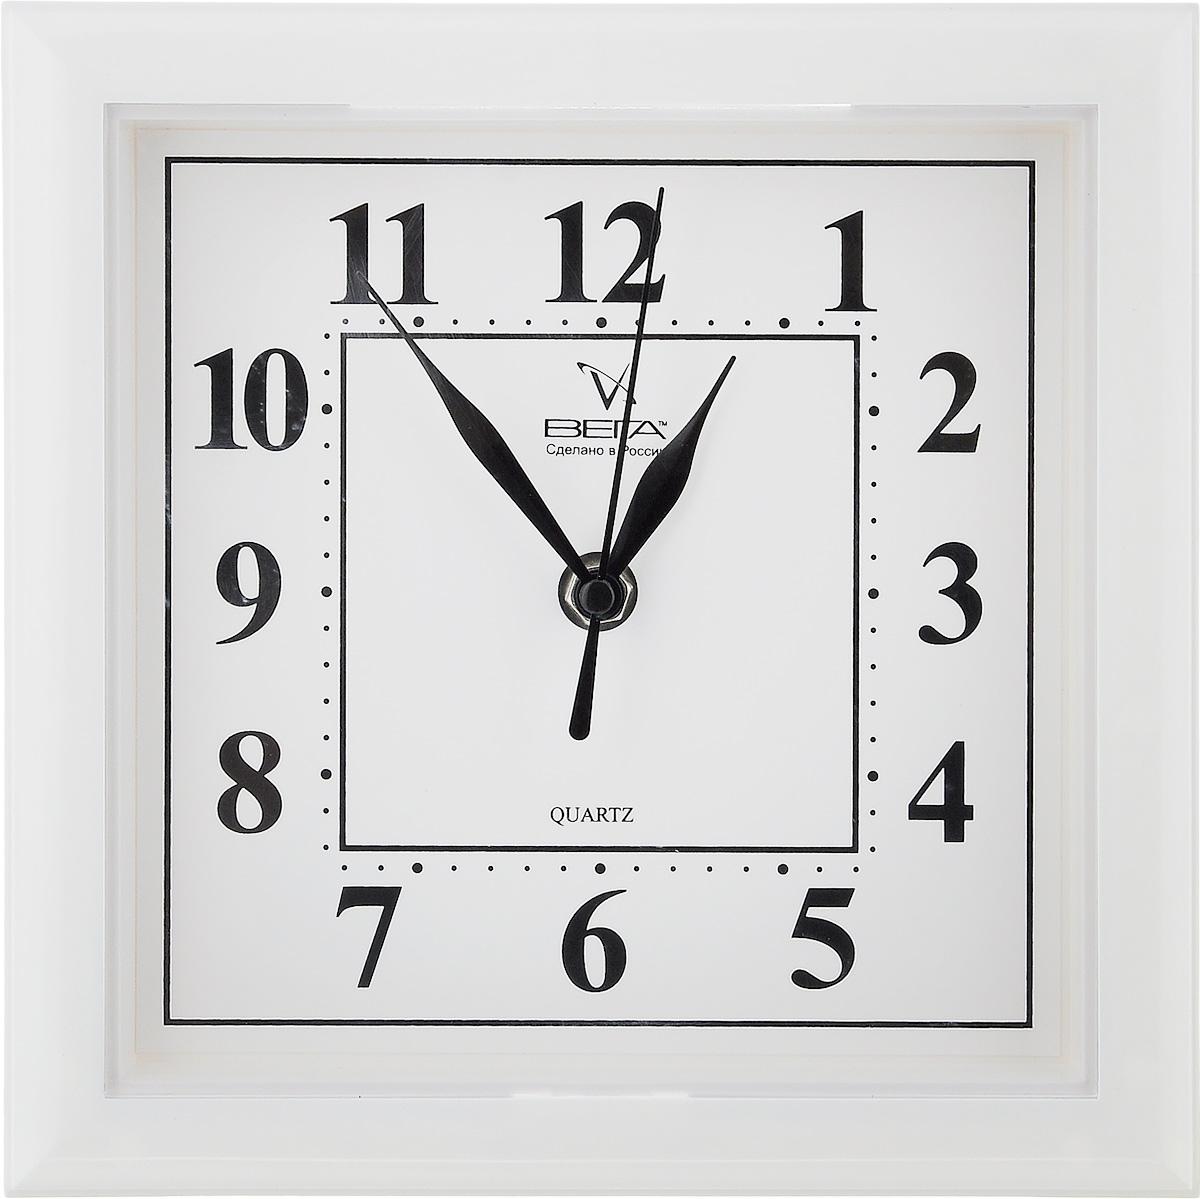 Часы настенные Вега Классика, цвет: белый, 20,6 х 20,6 х 4 смП3-7-46Настенные кварцевые часы Вега Классика, изготовленные из пластика, прекрасно впишутся в интерьер вашего дома. Квадратные часы имеют три стрелки: часовую, минутную и секундную, циферблат защищен прозрачным пластиком. Часы работают от 1 батарейки типа АА напряжением 1,5 В (не входит в комплект).